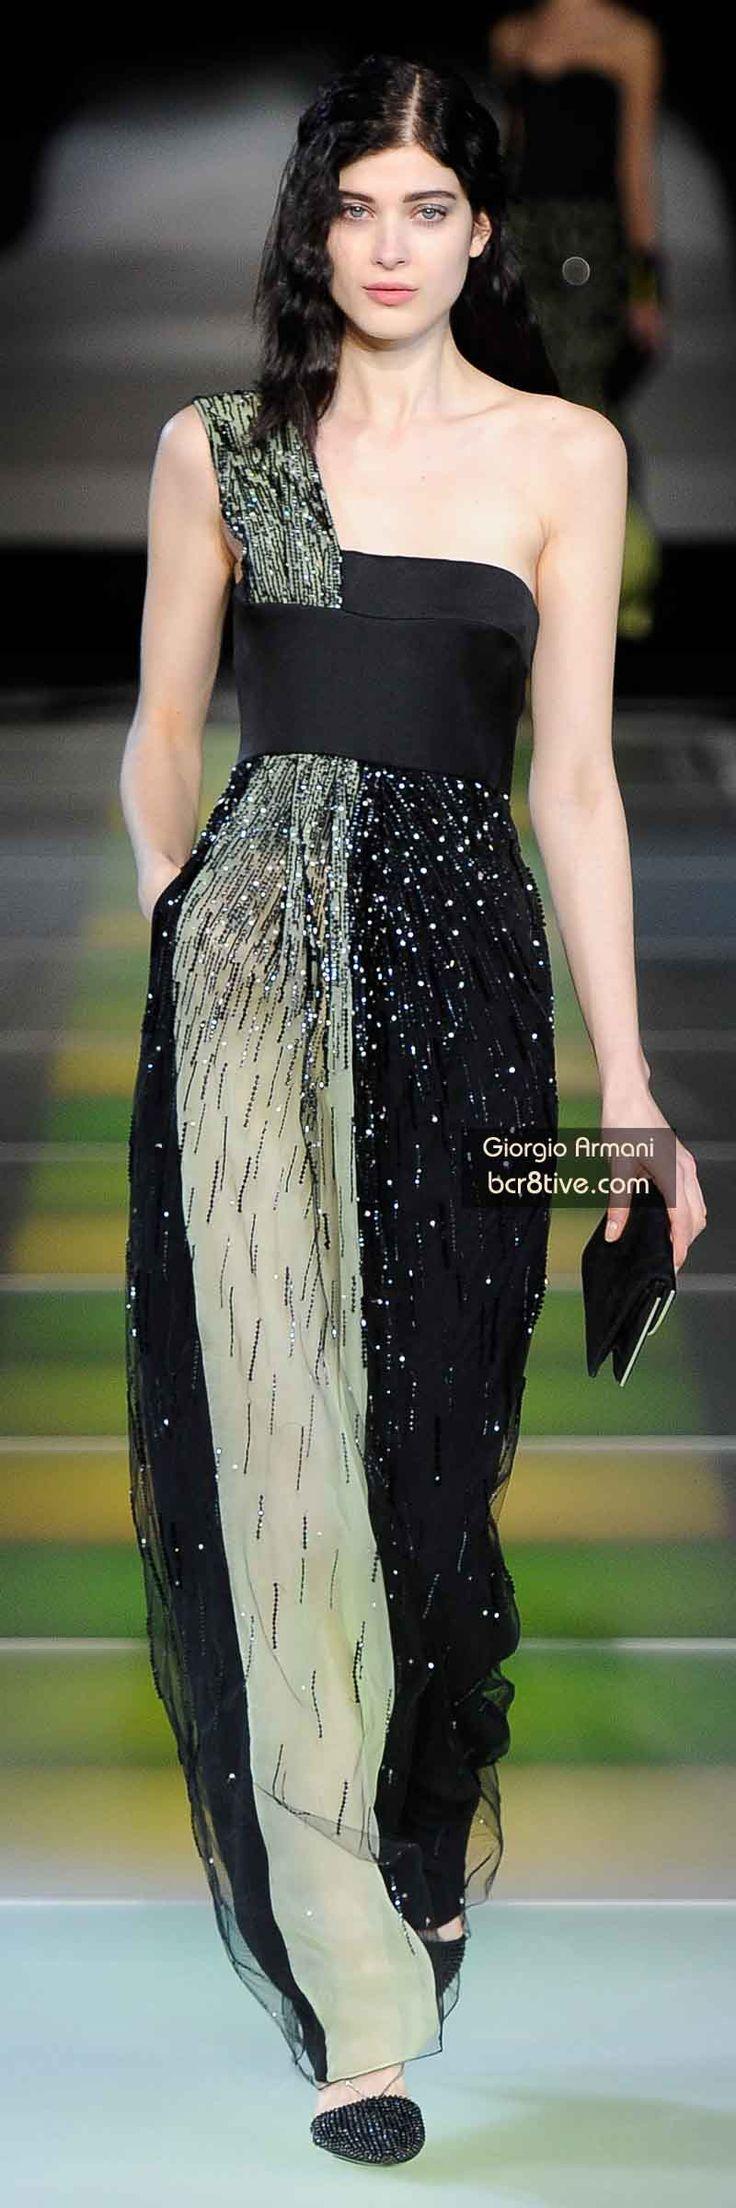 The Best Gowns of Fall 2014 Fashion Week International: Giorgio Armani FW 2014 #MilanFashionWeek